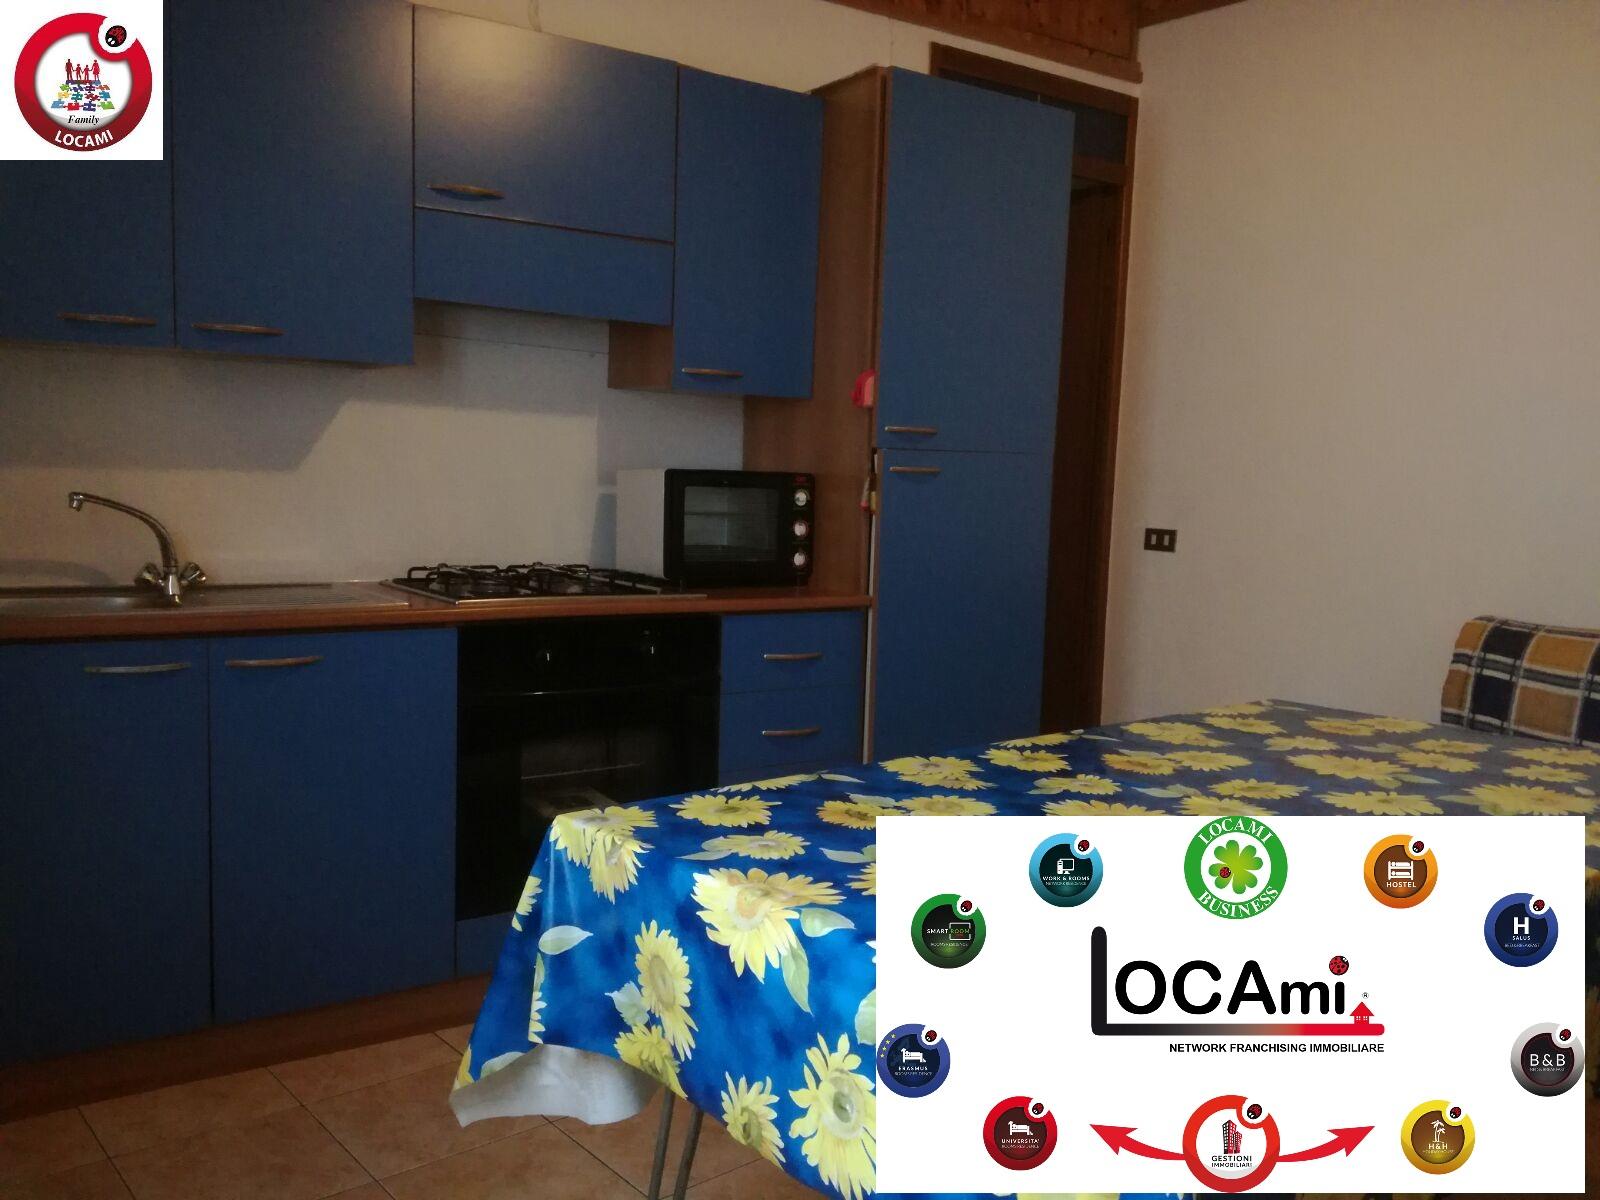 Appartamento in vendita a Agrigento, 3 locali, zona Località: Centrostorico, Trattative riservate | Cambio Casa.it